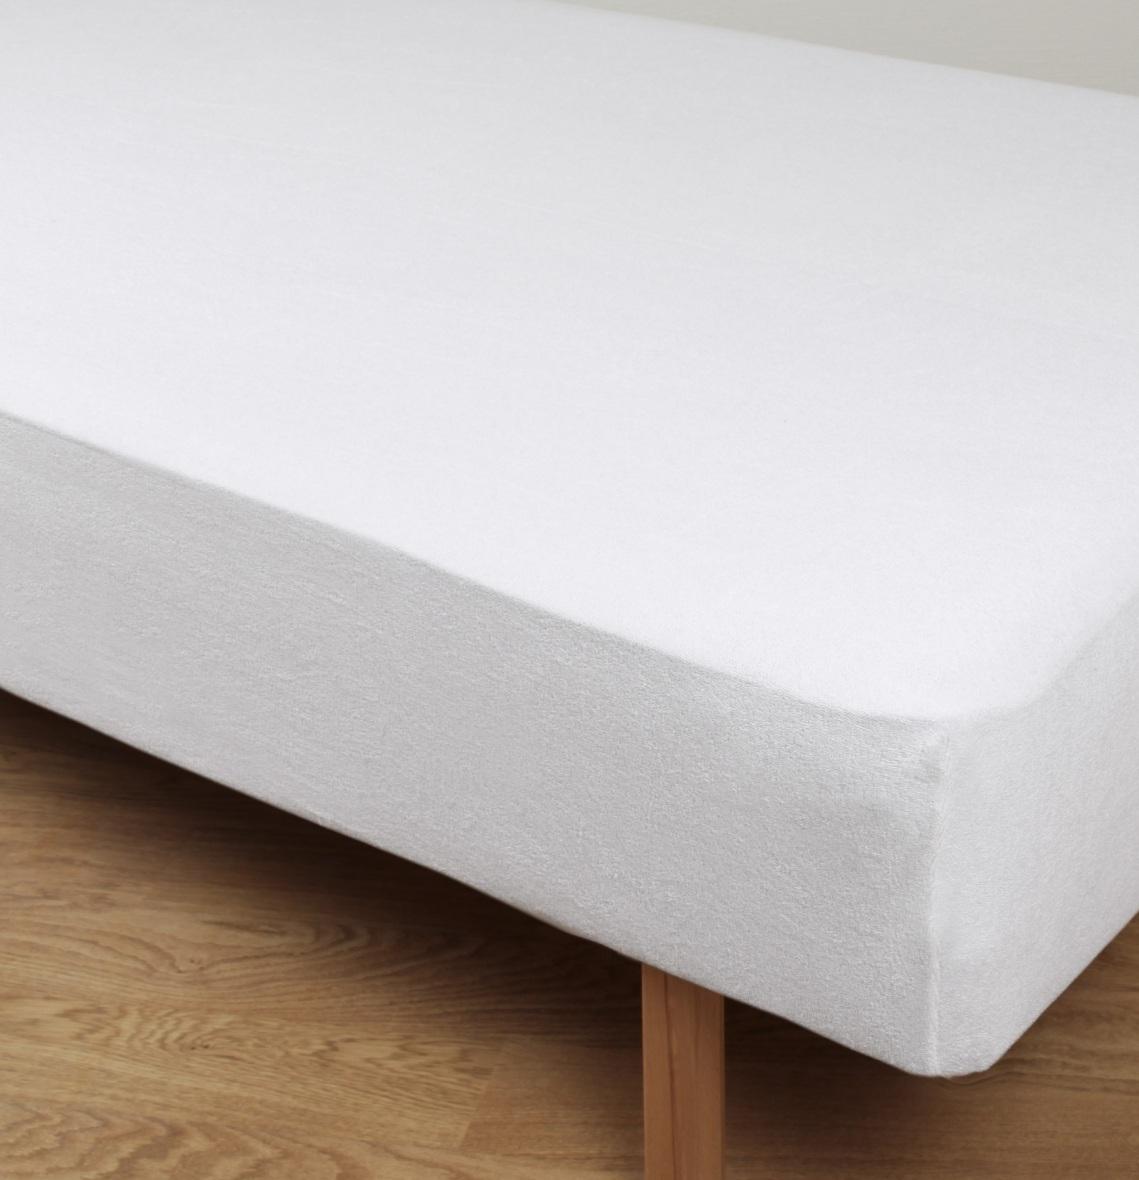 Sängklädsel 160 x 200 cm frotté Värnamo of Sweden